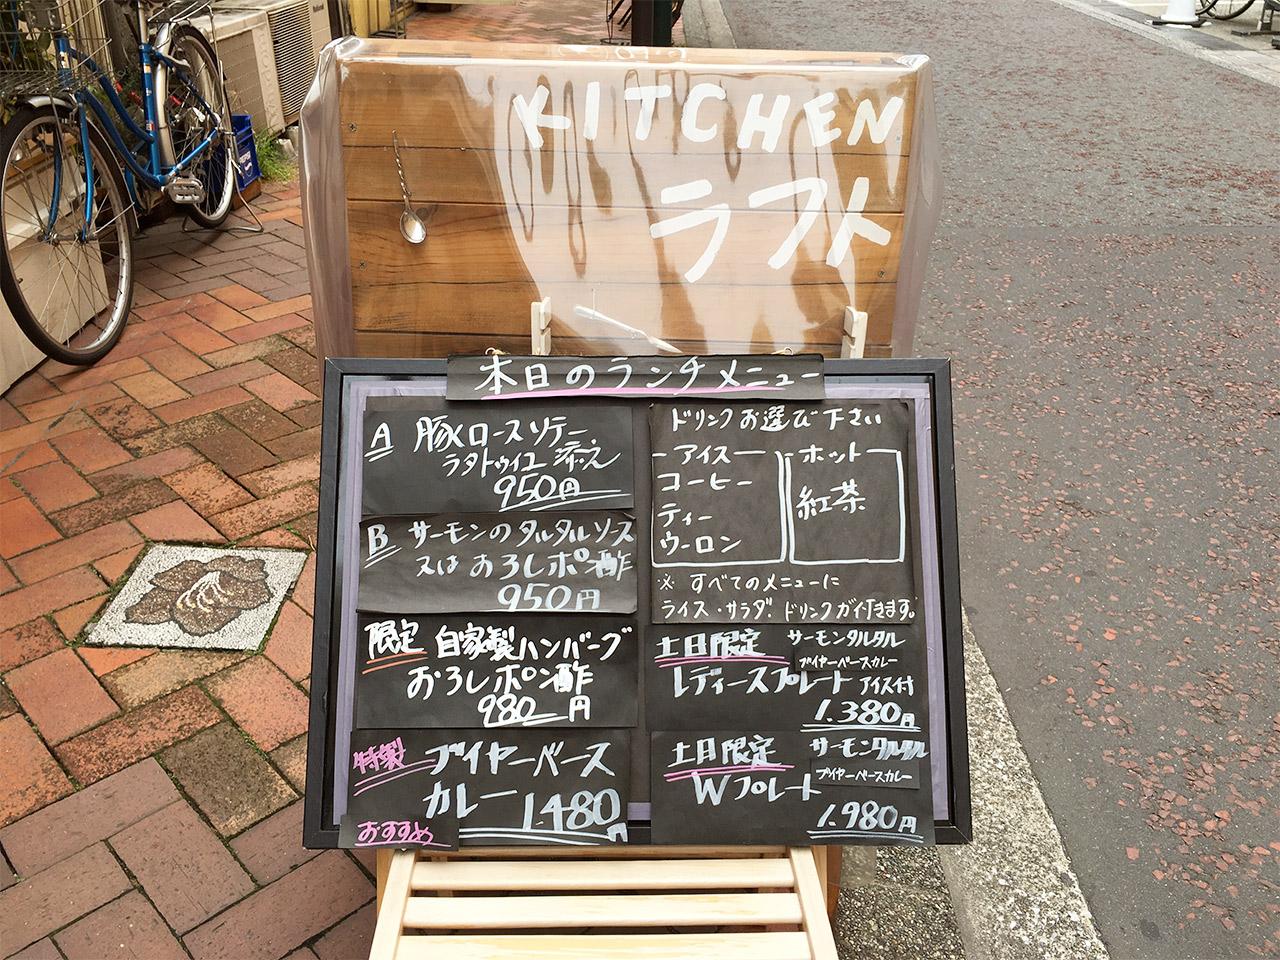 kawasaki-rafuto-lunch-menu